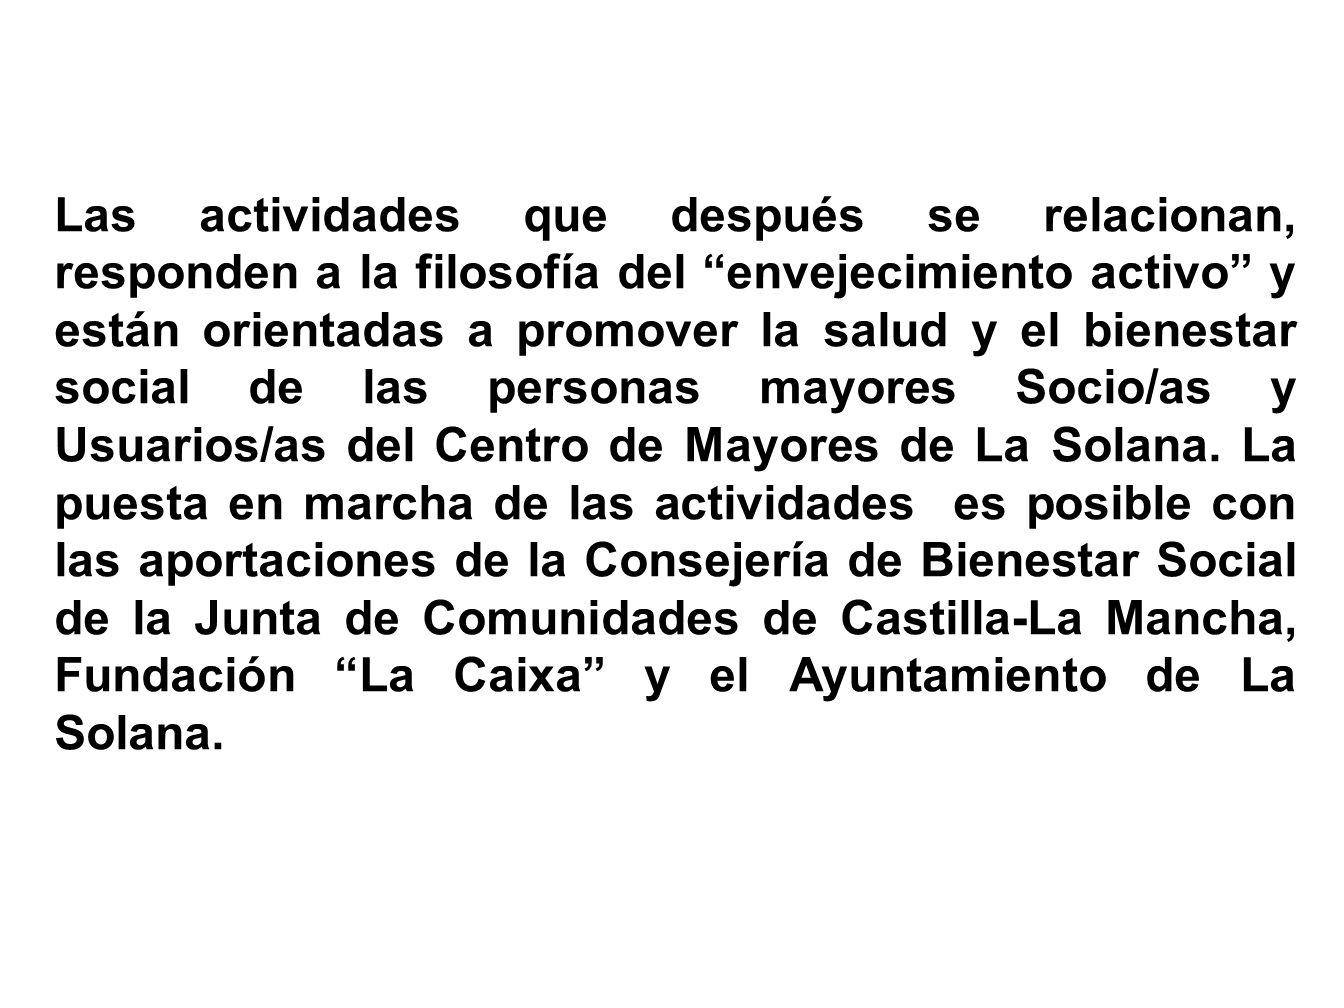 El Consejo de Mayores de La Solana, en seguimiento de cuanto establece el Estatuto Básico de Centros de Mayores de Castilla-La Mancha (D.O.C.M. de 16